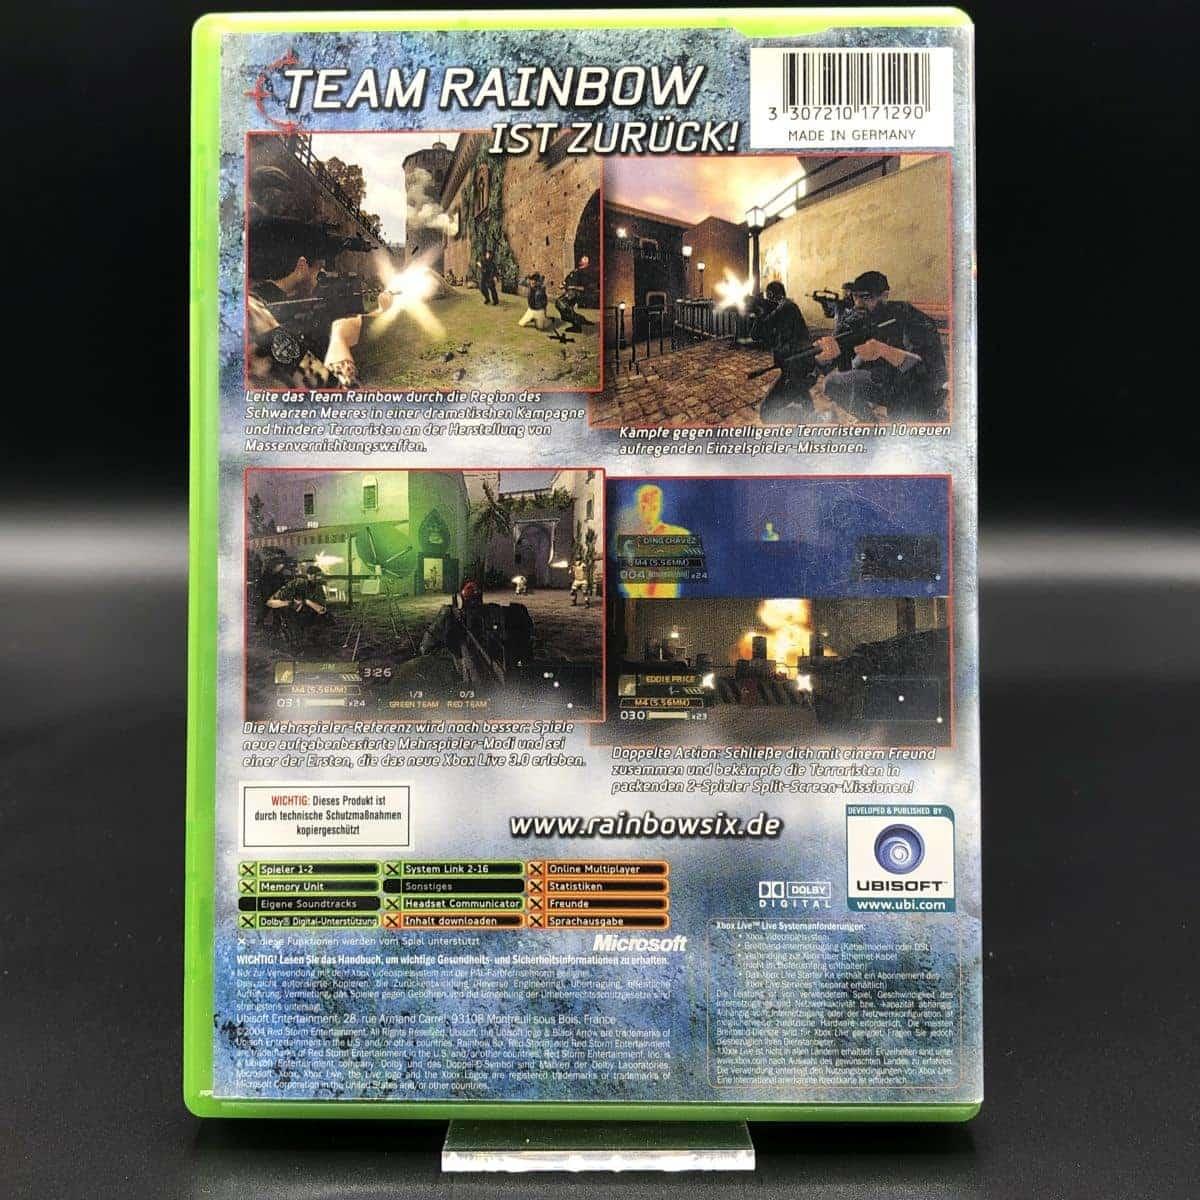 XBC Tom Clancy's Rainbow Six 3: Black Arrow (Komplett) (Gut) Microsoft Xbox Classic